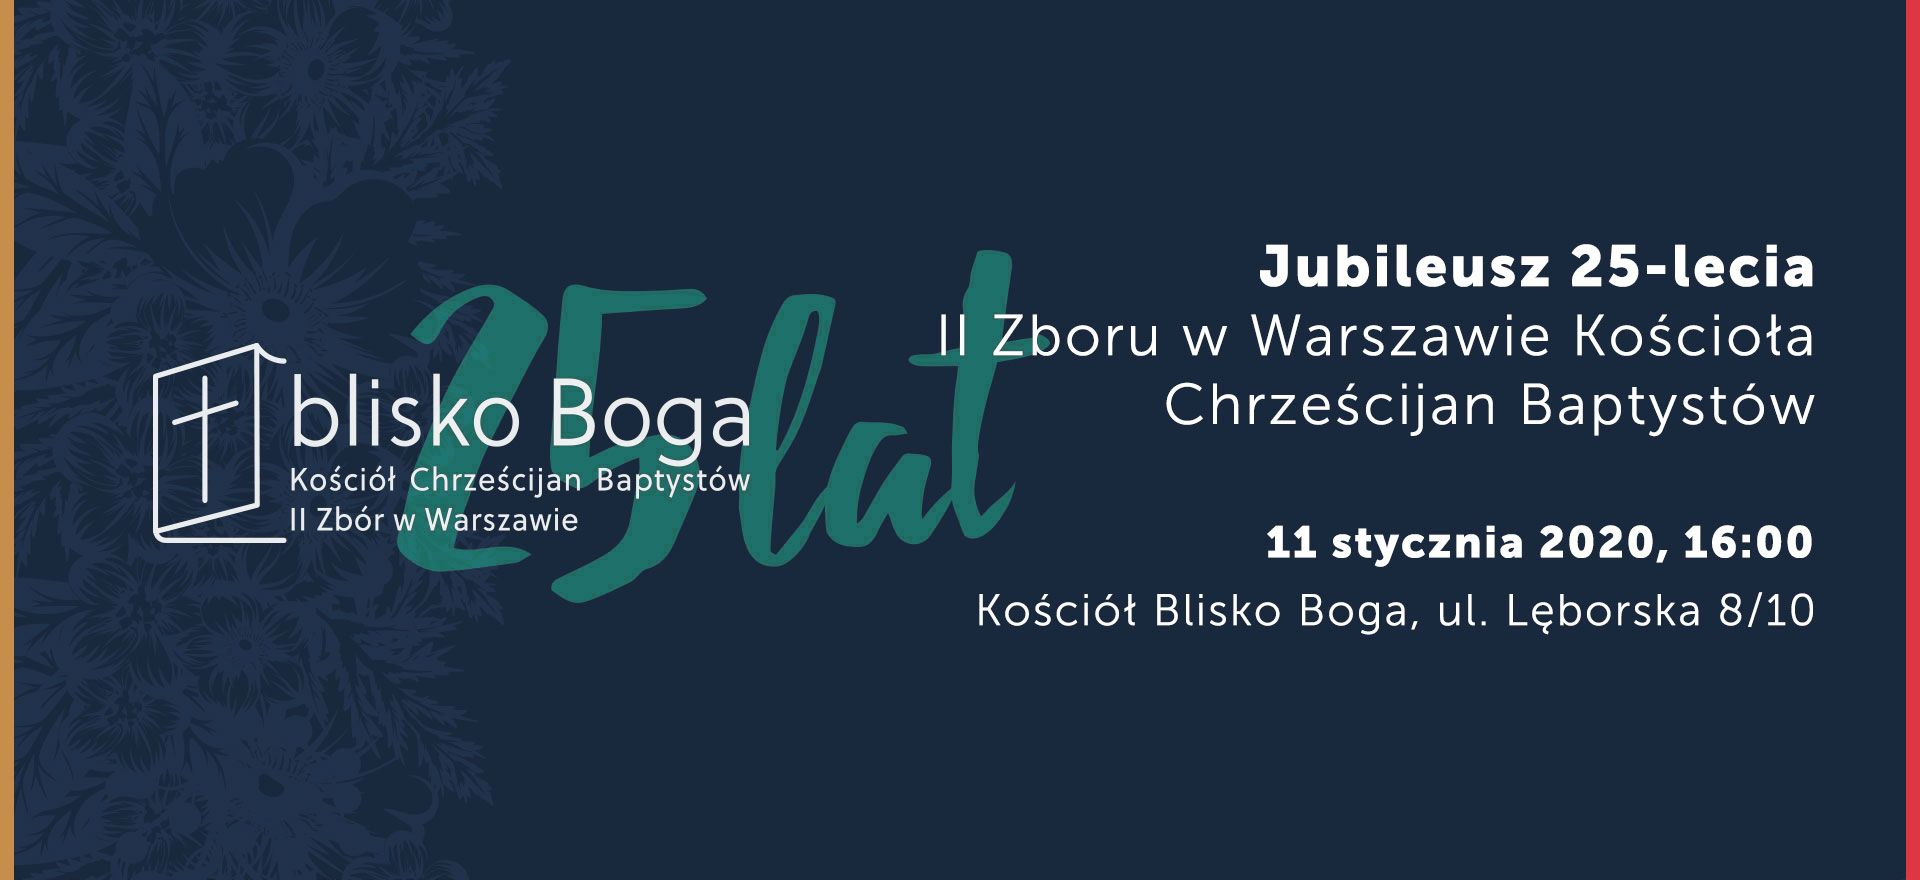 Jubileusz 25-lecia Zboru odbędzie się 11 stycznia 2020 o 16.00.  Będziemy świętować powstanie II Zboru Kościoła Chrześcijan Baptystów w Warszawie. Serdecznie zapraszamy wszystkich członków, sympatyków i przyjaciół kościoła.